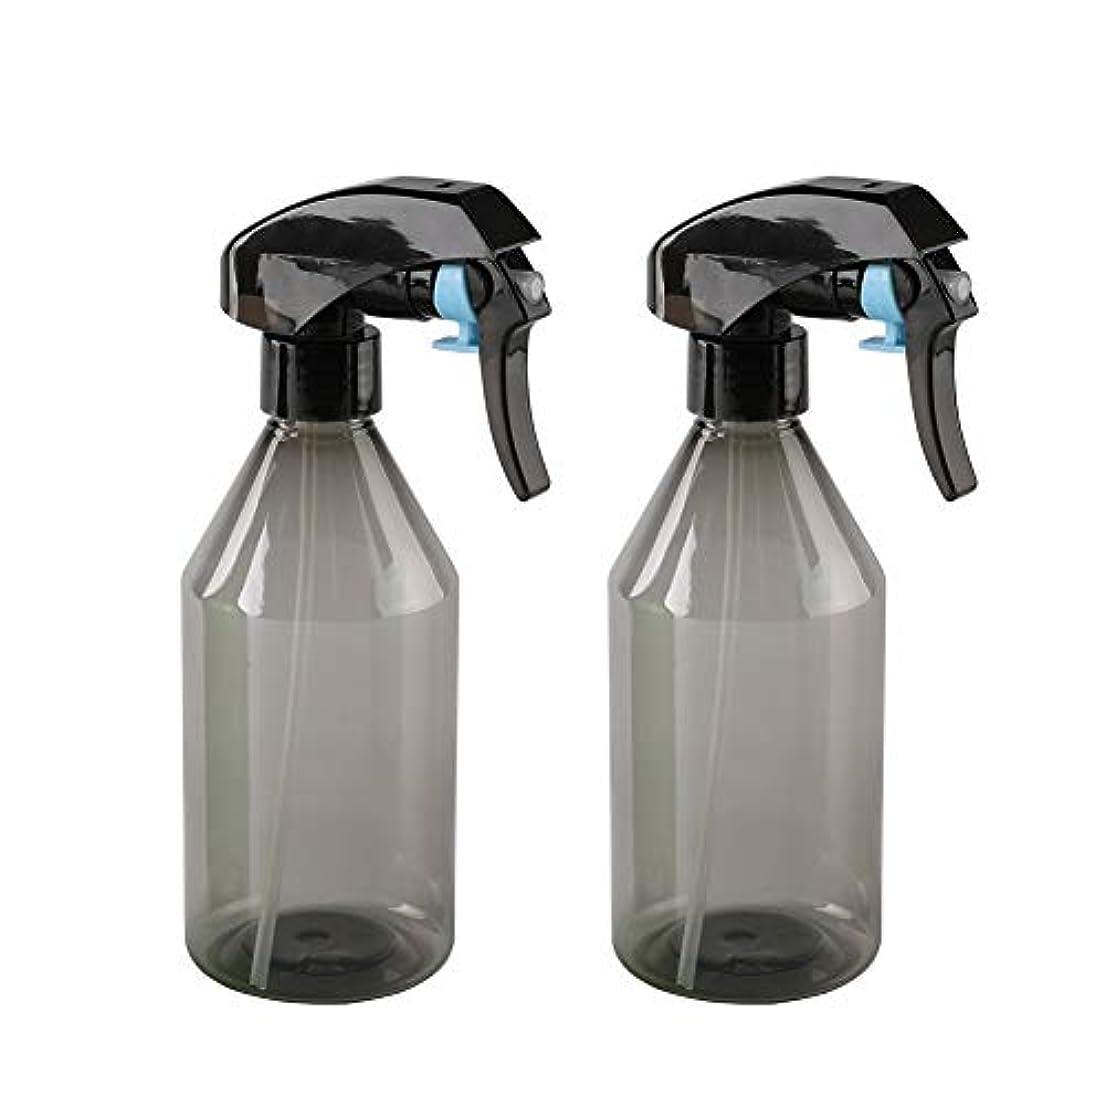 非効率的な系譜シフトプラスチックエアスプレーボトル|超微細スプレー 詰め替え式スプレー容器 - 掃除、植物、ヘアー用 300ml*2個 (グレイ)